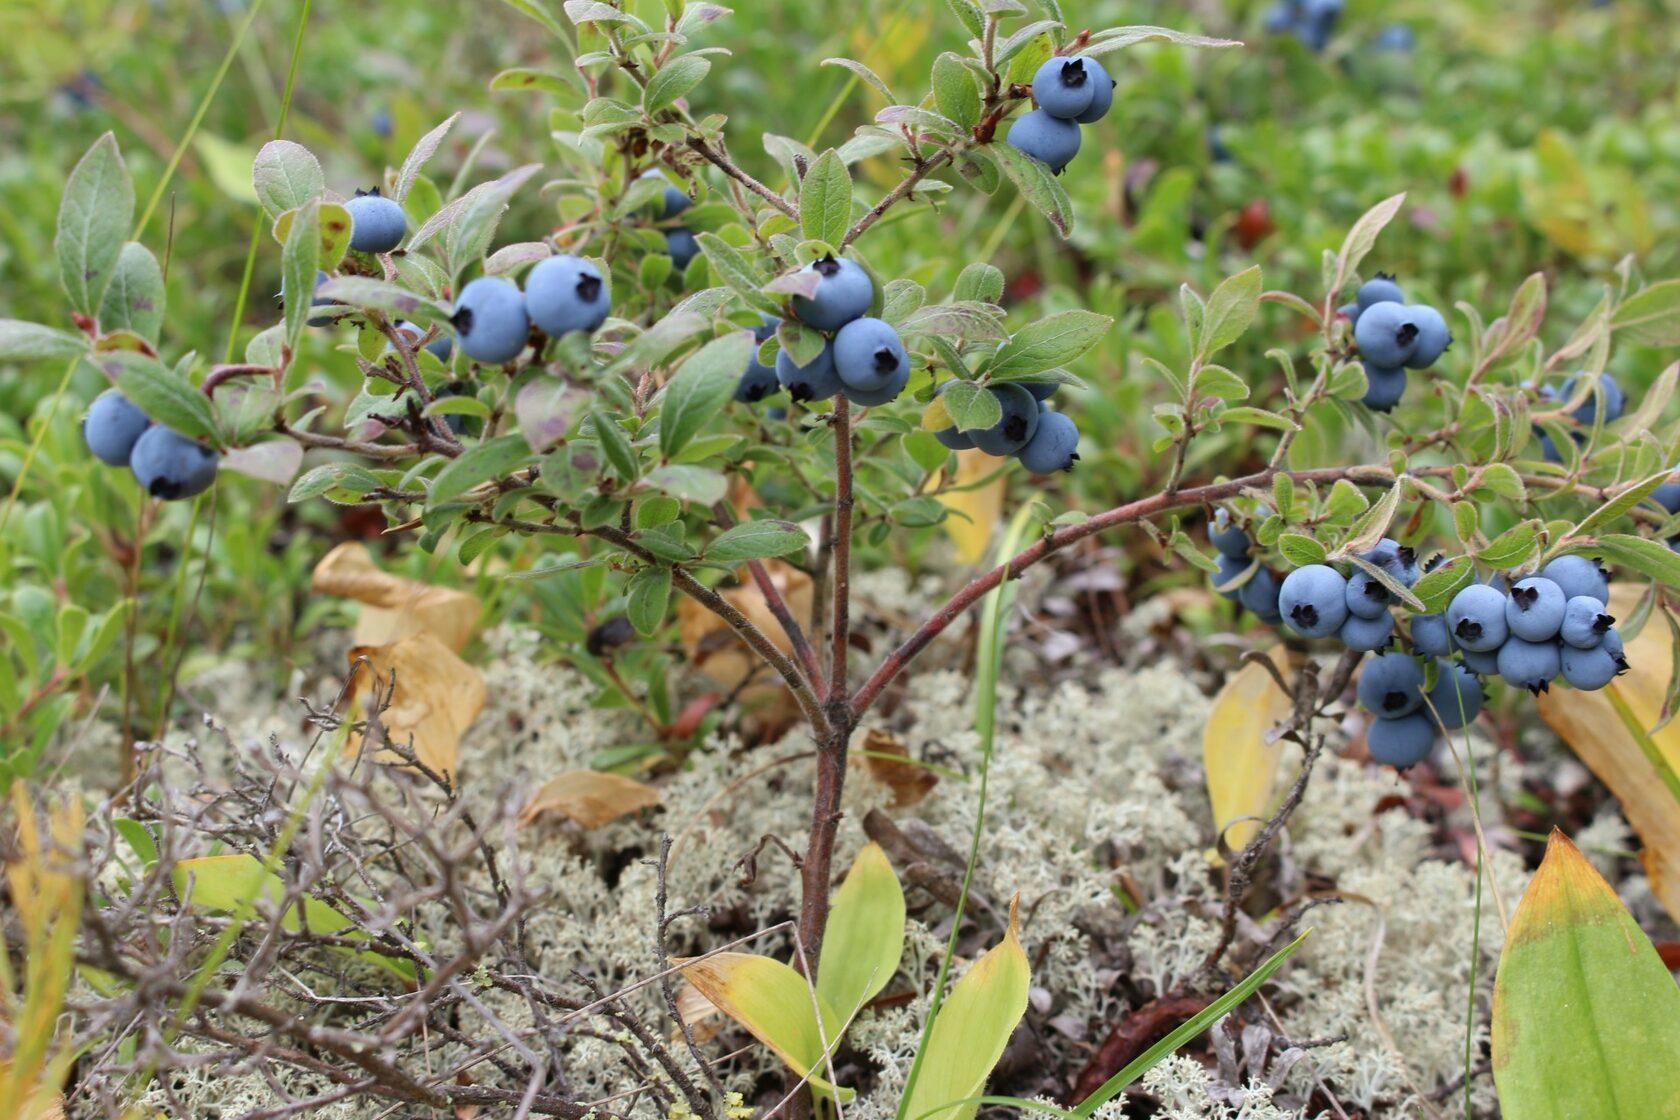 Ягоды дикорастущей голубики мелкие, кустики не превышают 40 см, ягод мало.